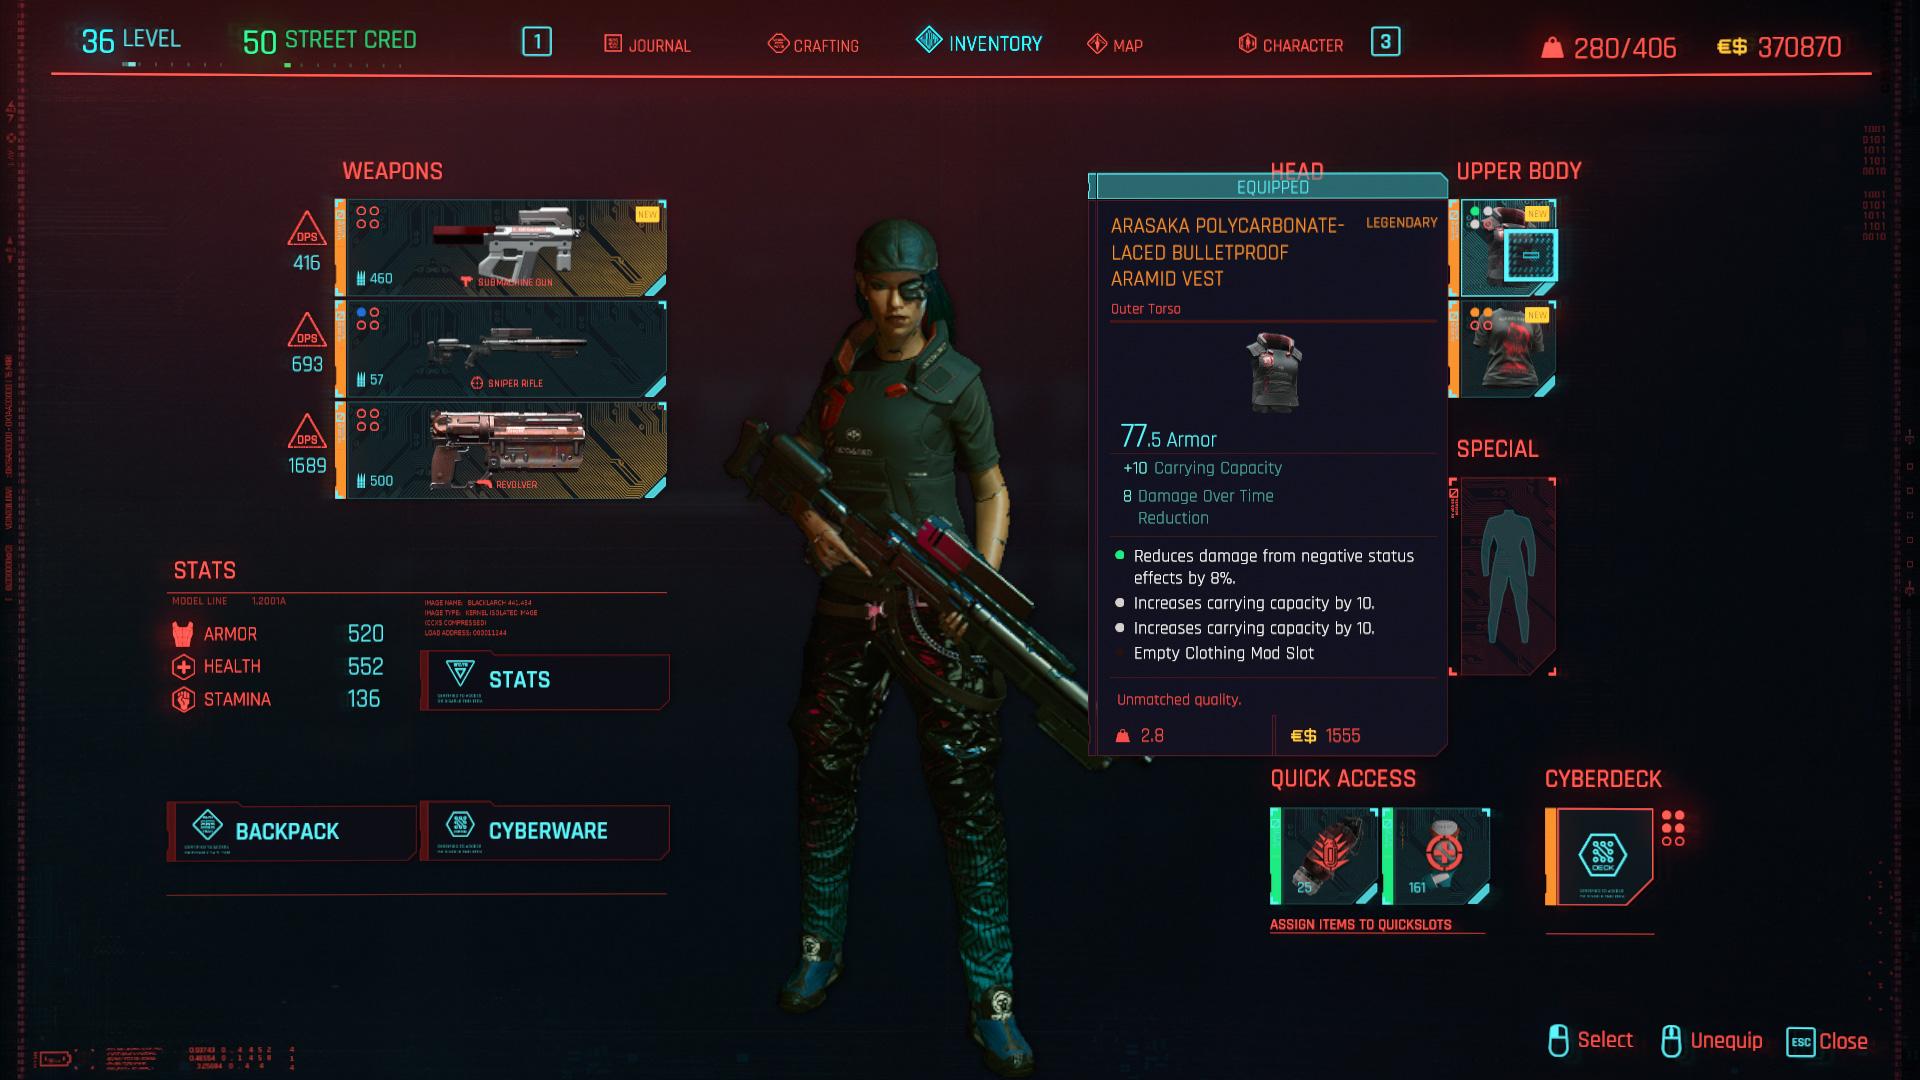 Tous les vêtements légendaires et emblématiques de Cyberpunk 2077 - Gilet pare-balles en aramide à lacets en polycarbonate Arasaka